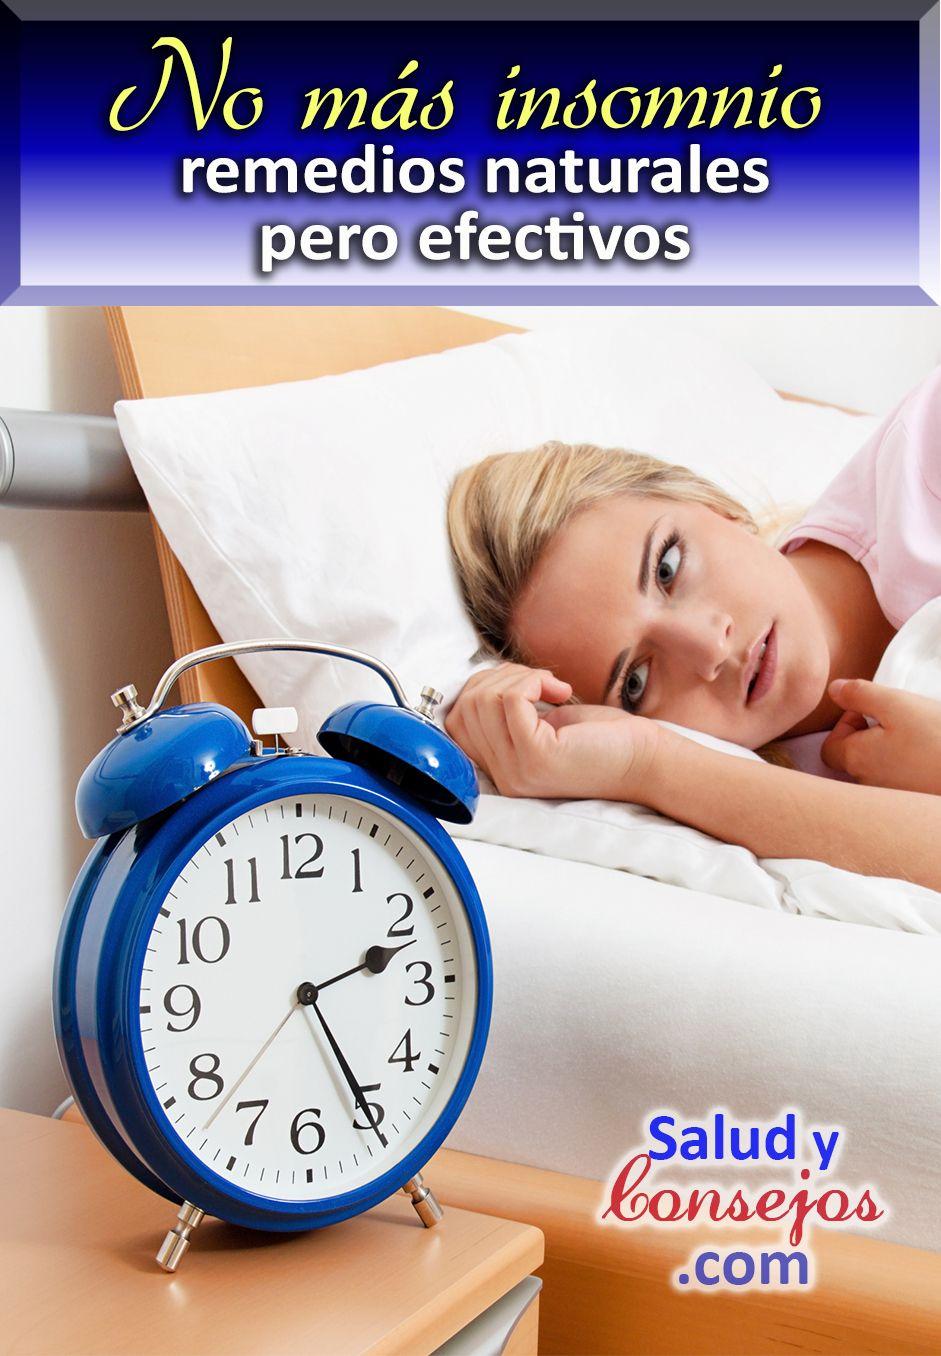 Remedios naturales para combatir el insomnio